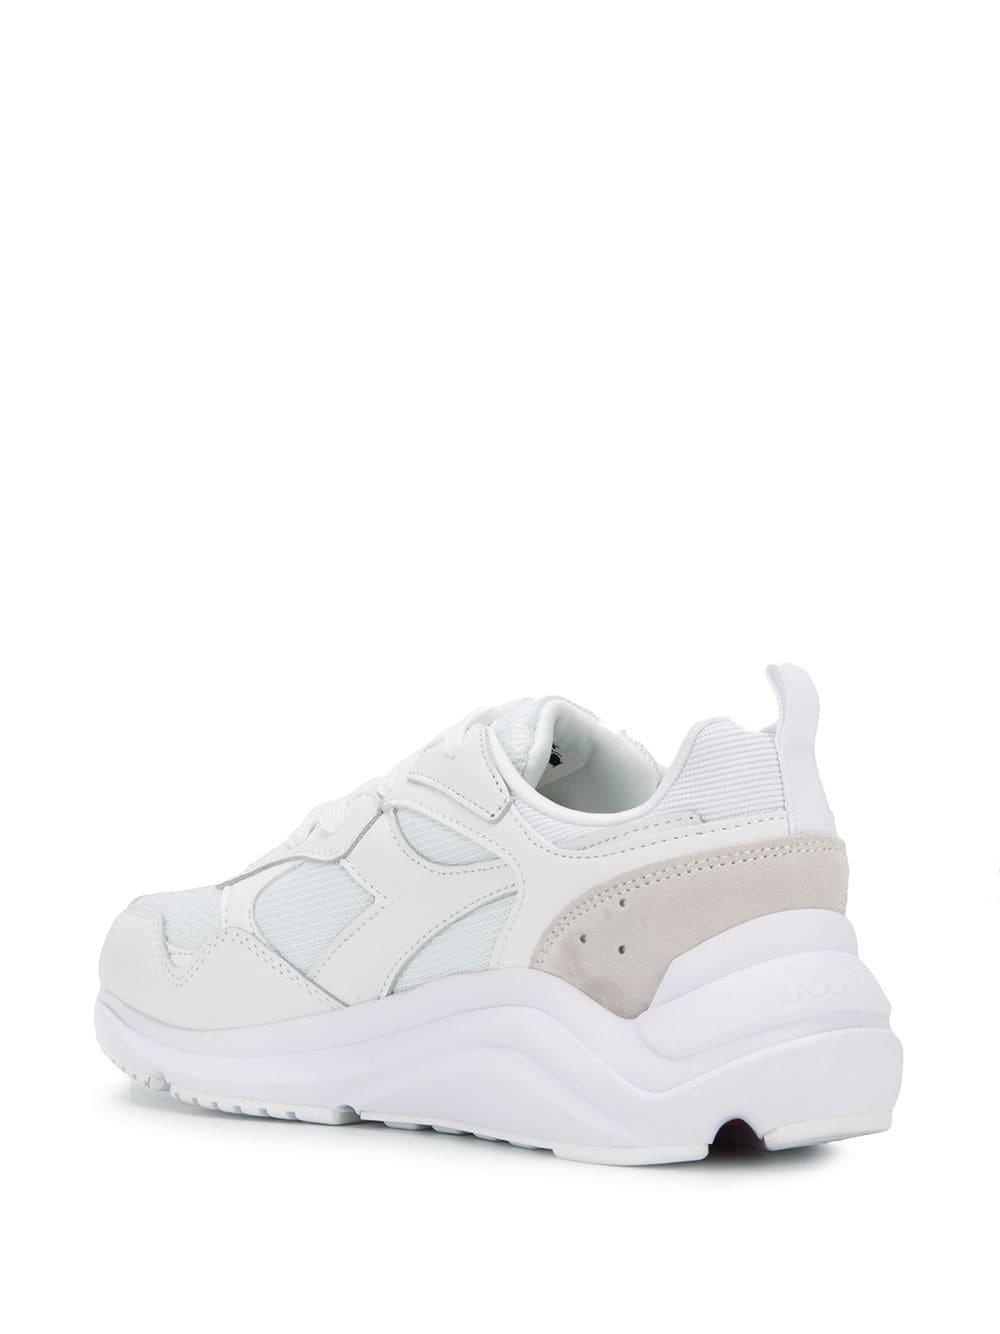 Zapatillas Whizz Diadora de Cuero de color Blanco